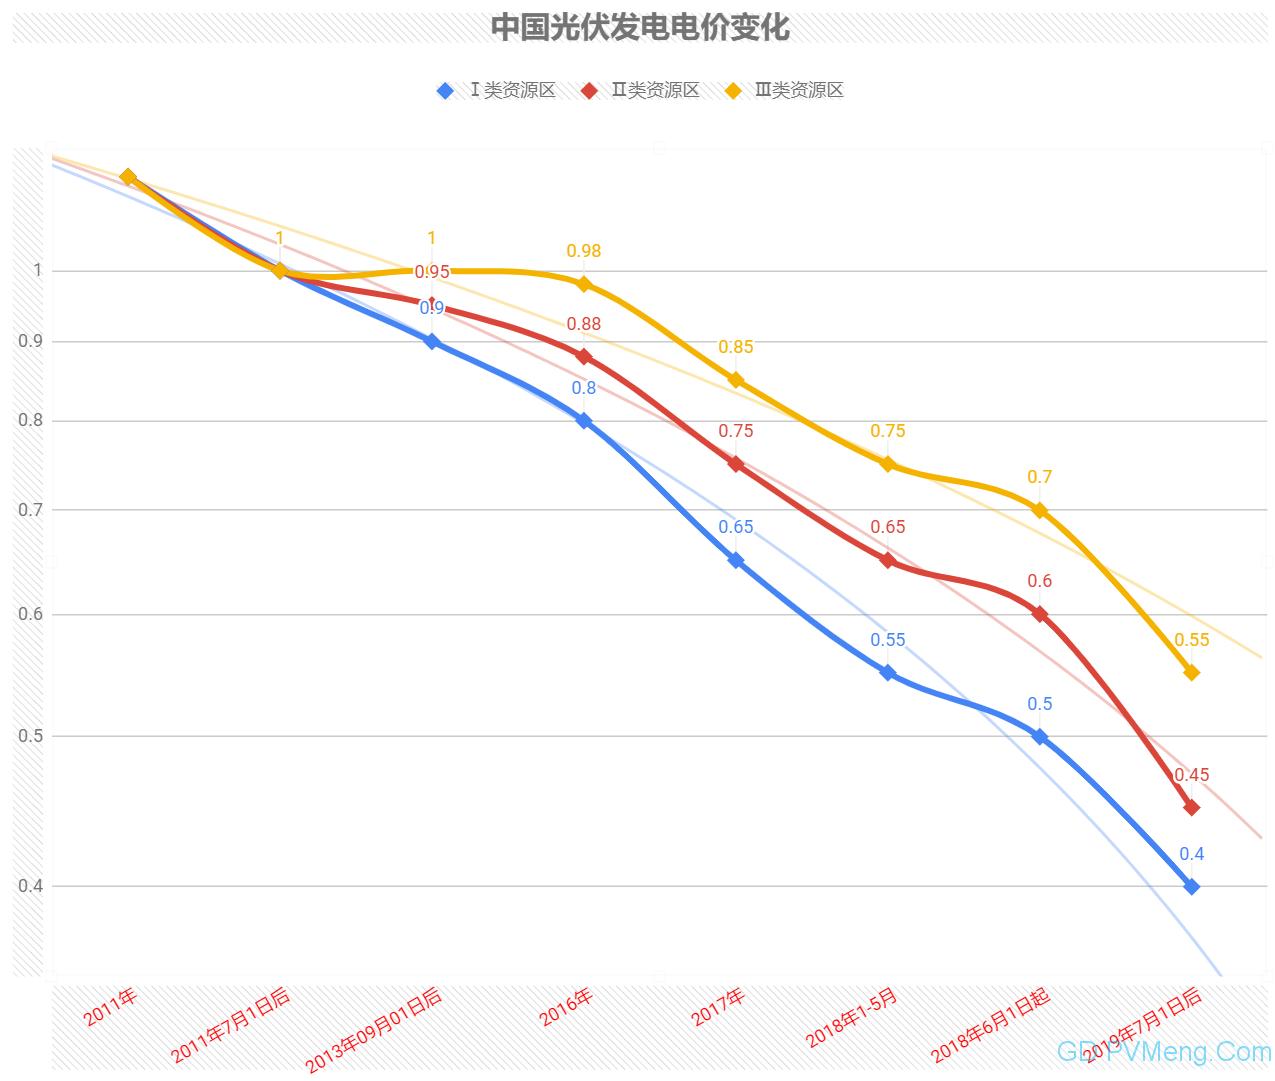 【中国光伏电价】2008年至今,4元到0.4元每度!九个文件 十一次电价!